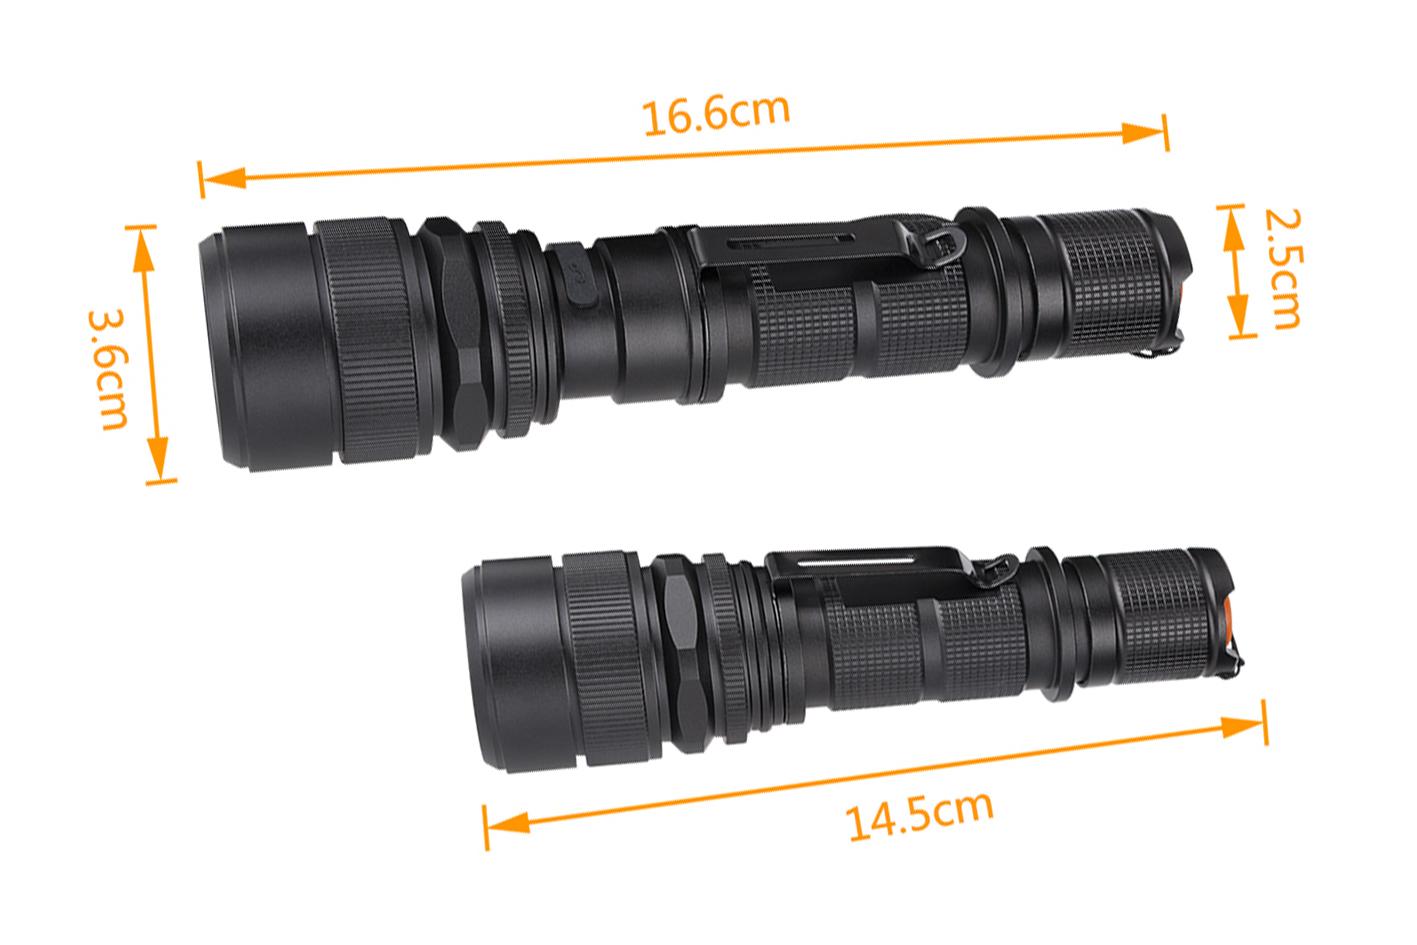 Torcia Portatile Ricaricabile Zoomabile Tattico Campeggio Sport Impermeabile 5 modalita di luce - PZ